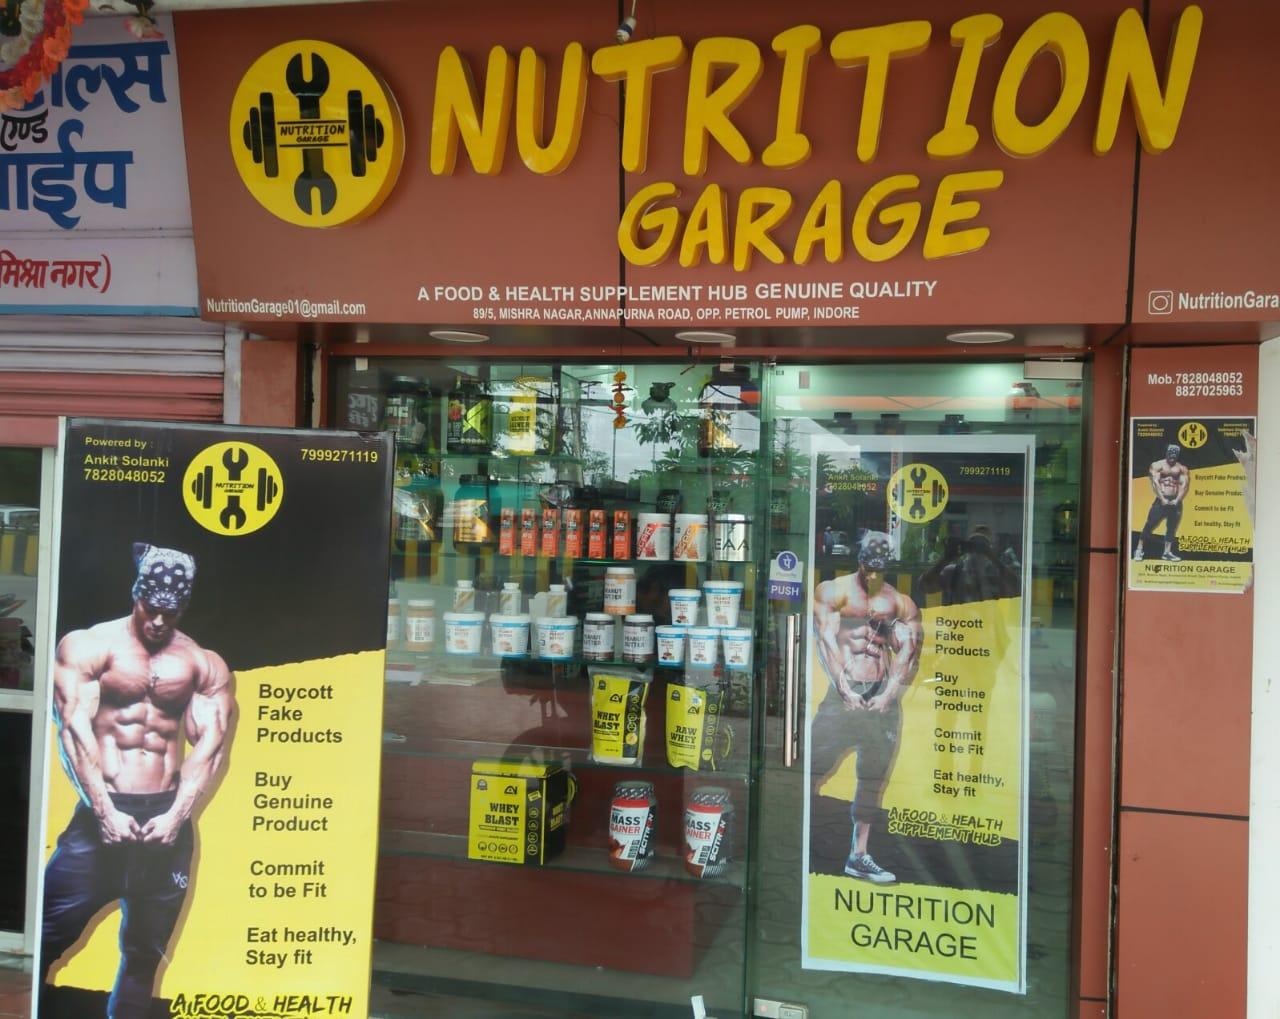 Nutrition gararge